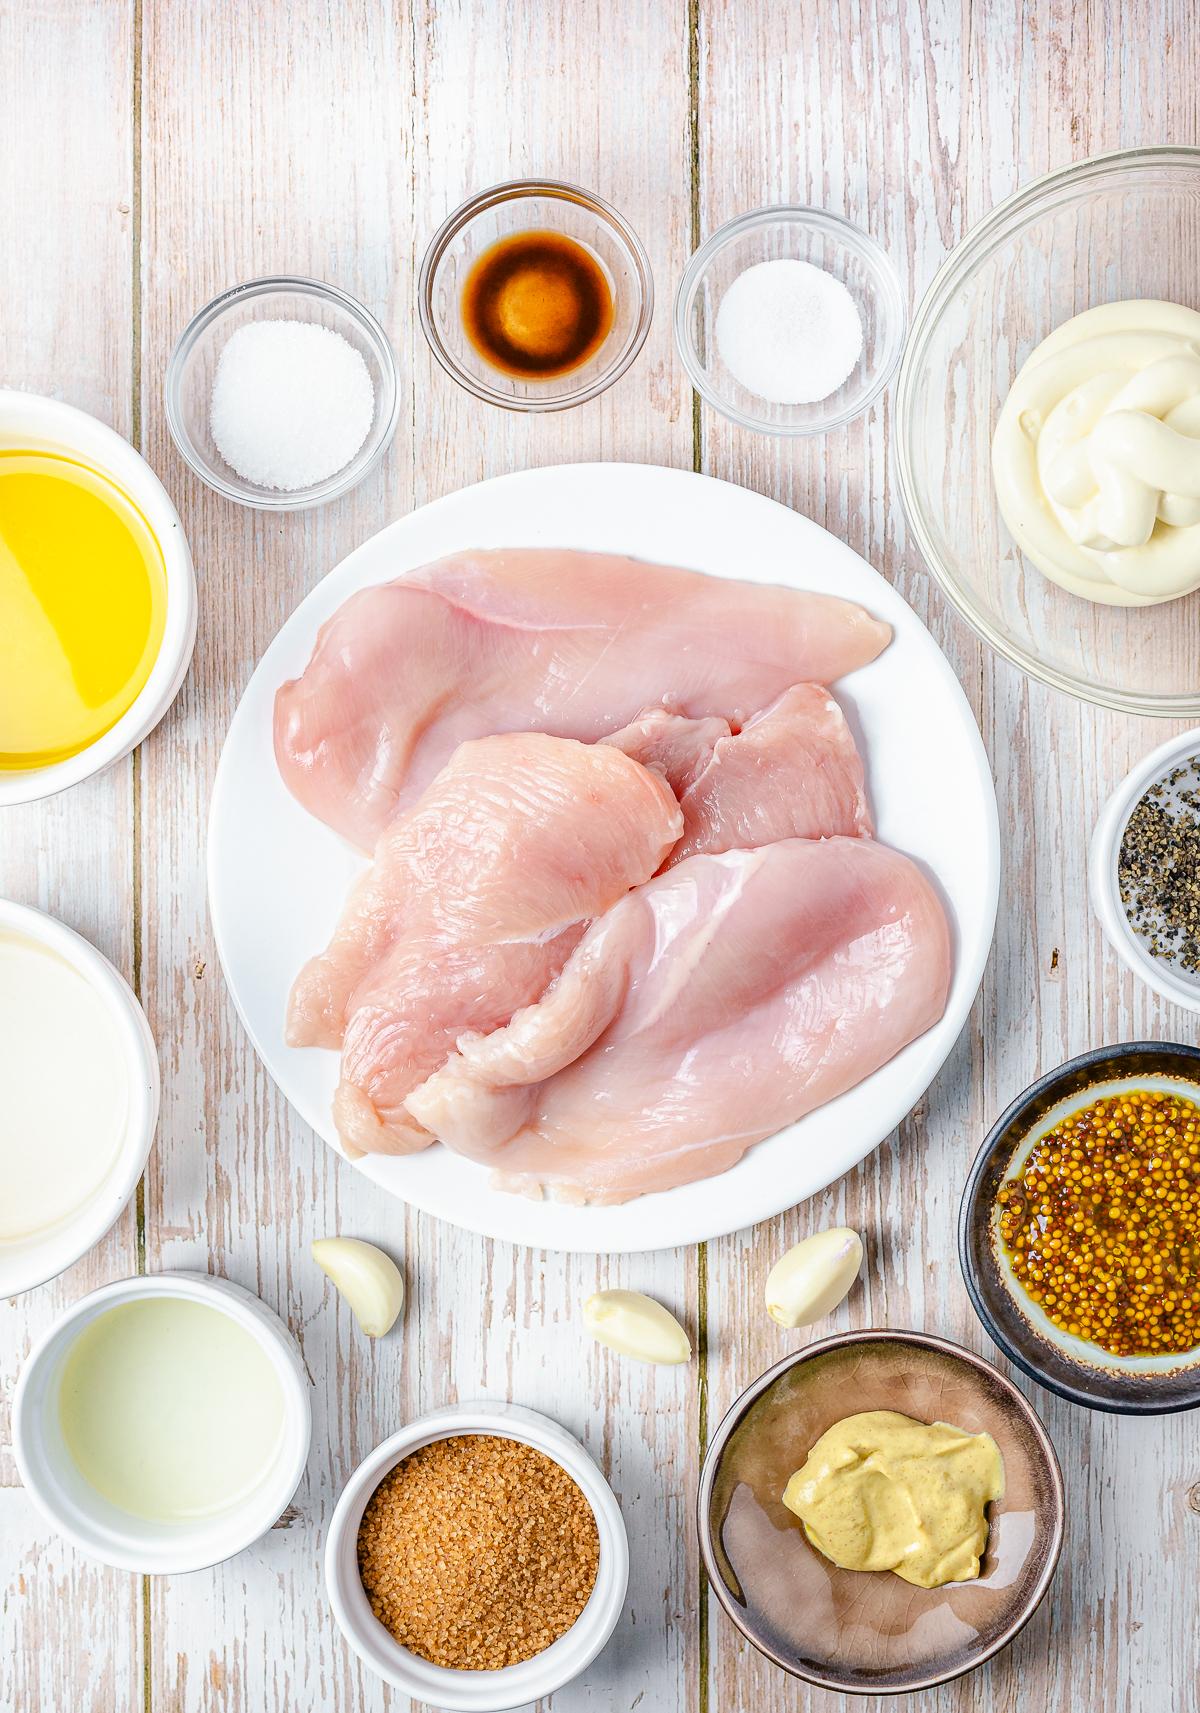 Ingredients needed to make Mustard Grilled Chicken Sandwiches